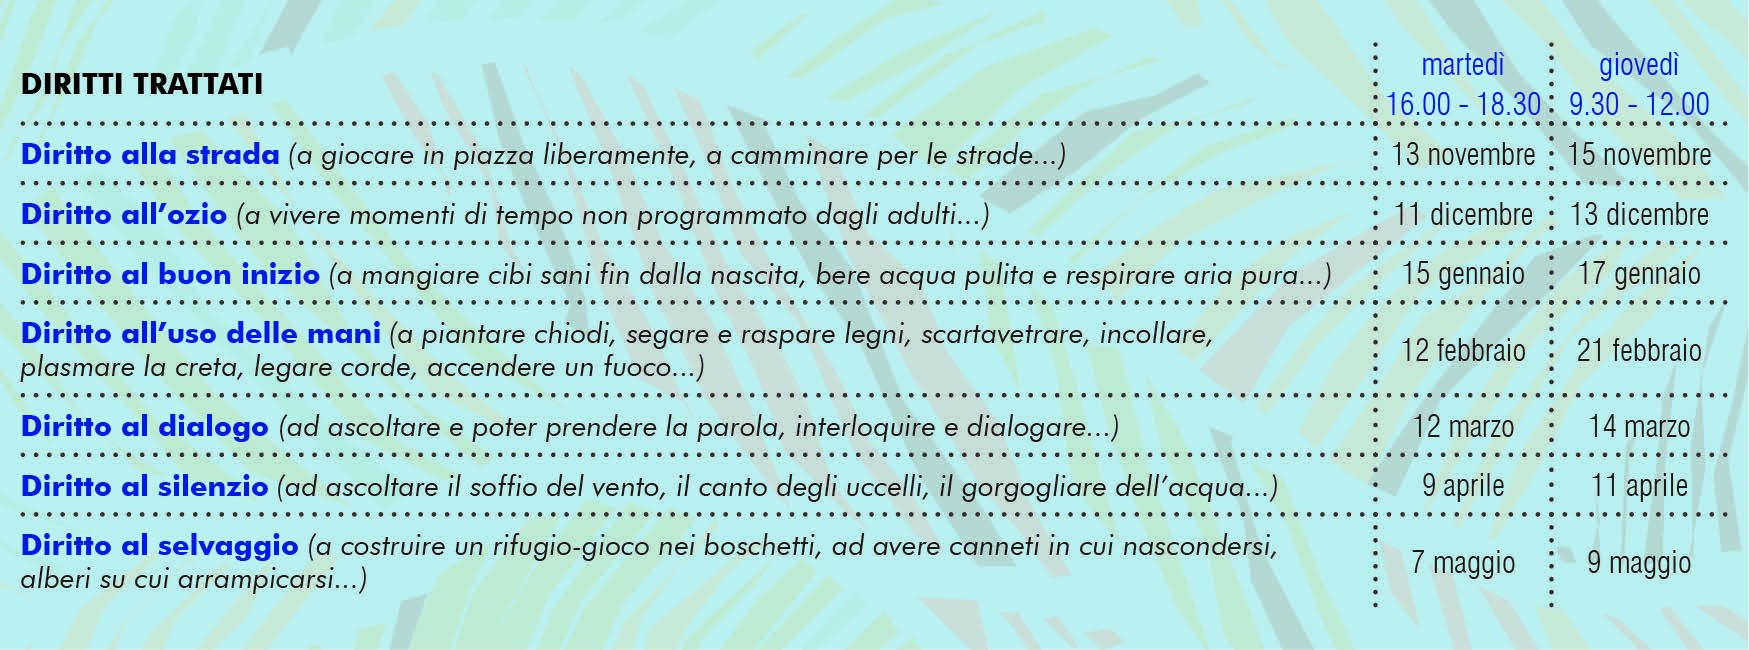 Calendario eventi DIRITTO E ROVESCIO